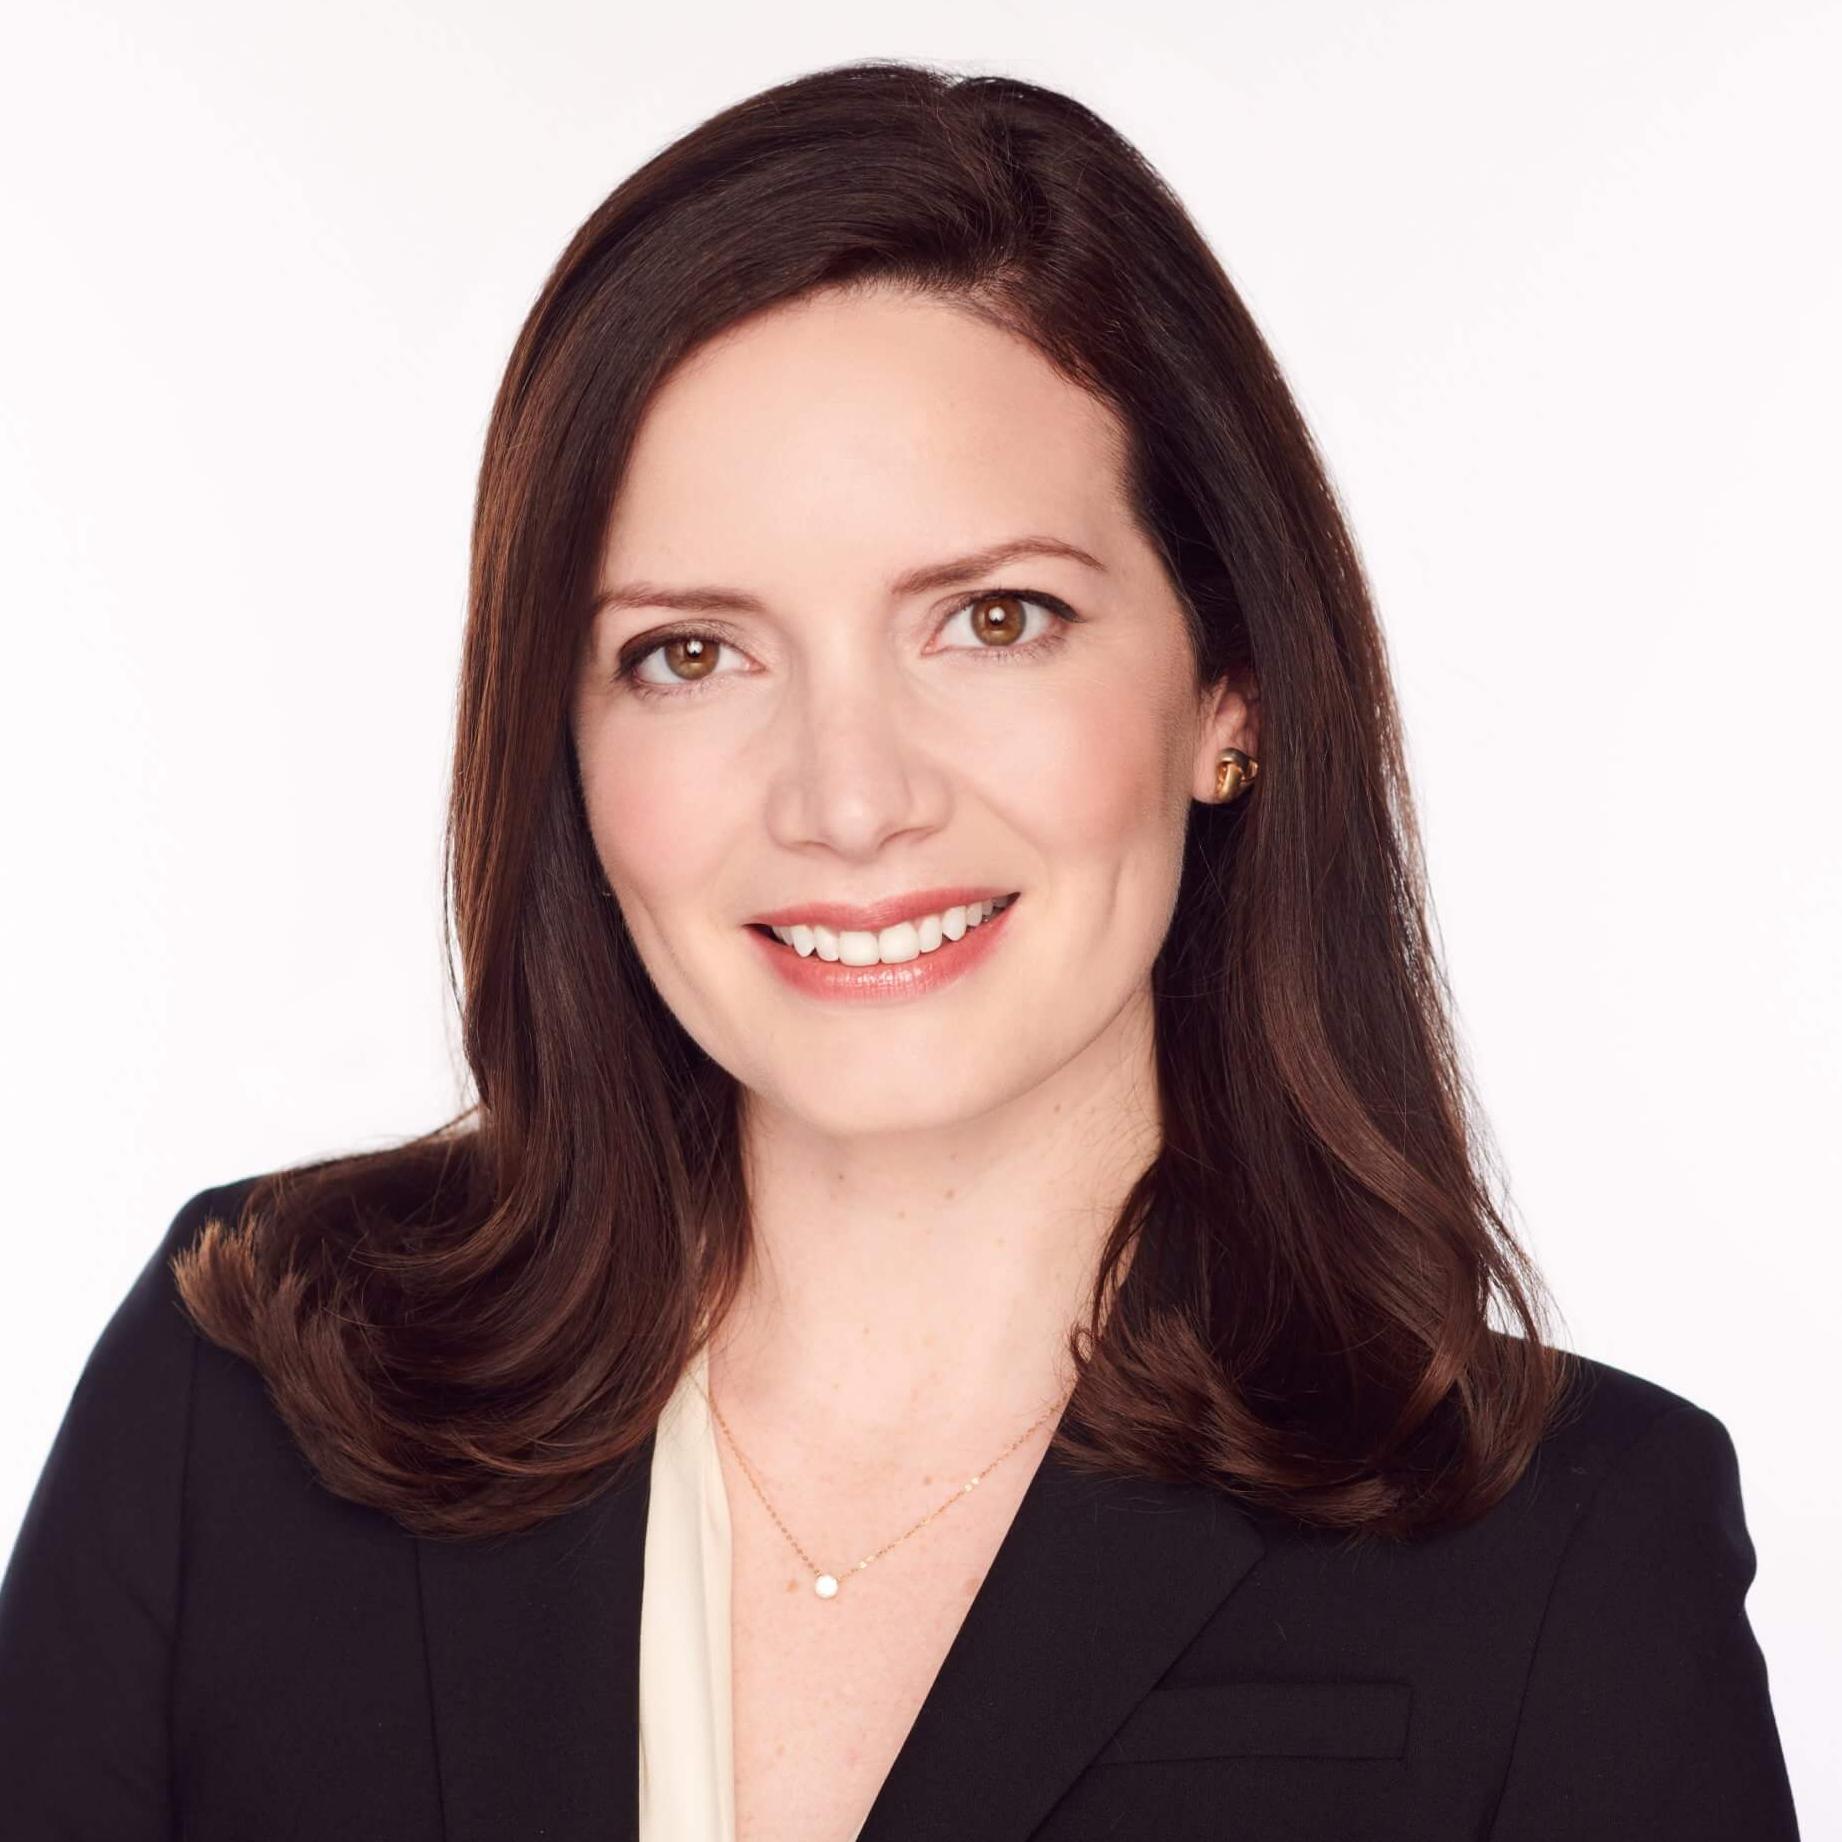 Maria Dooner